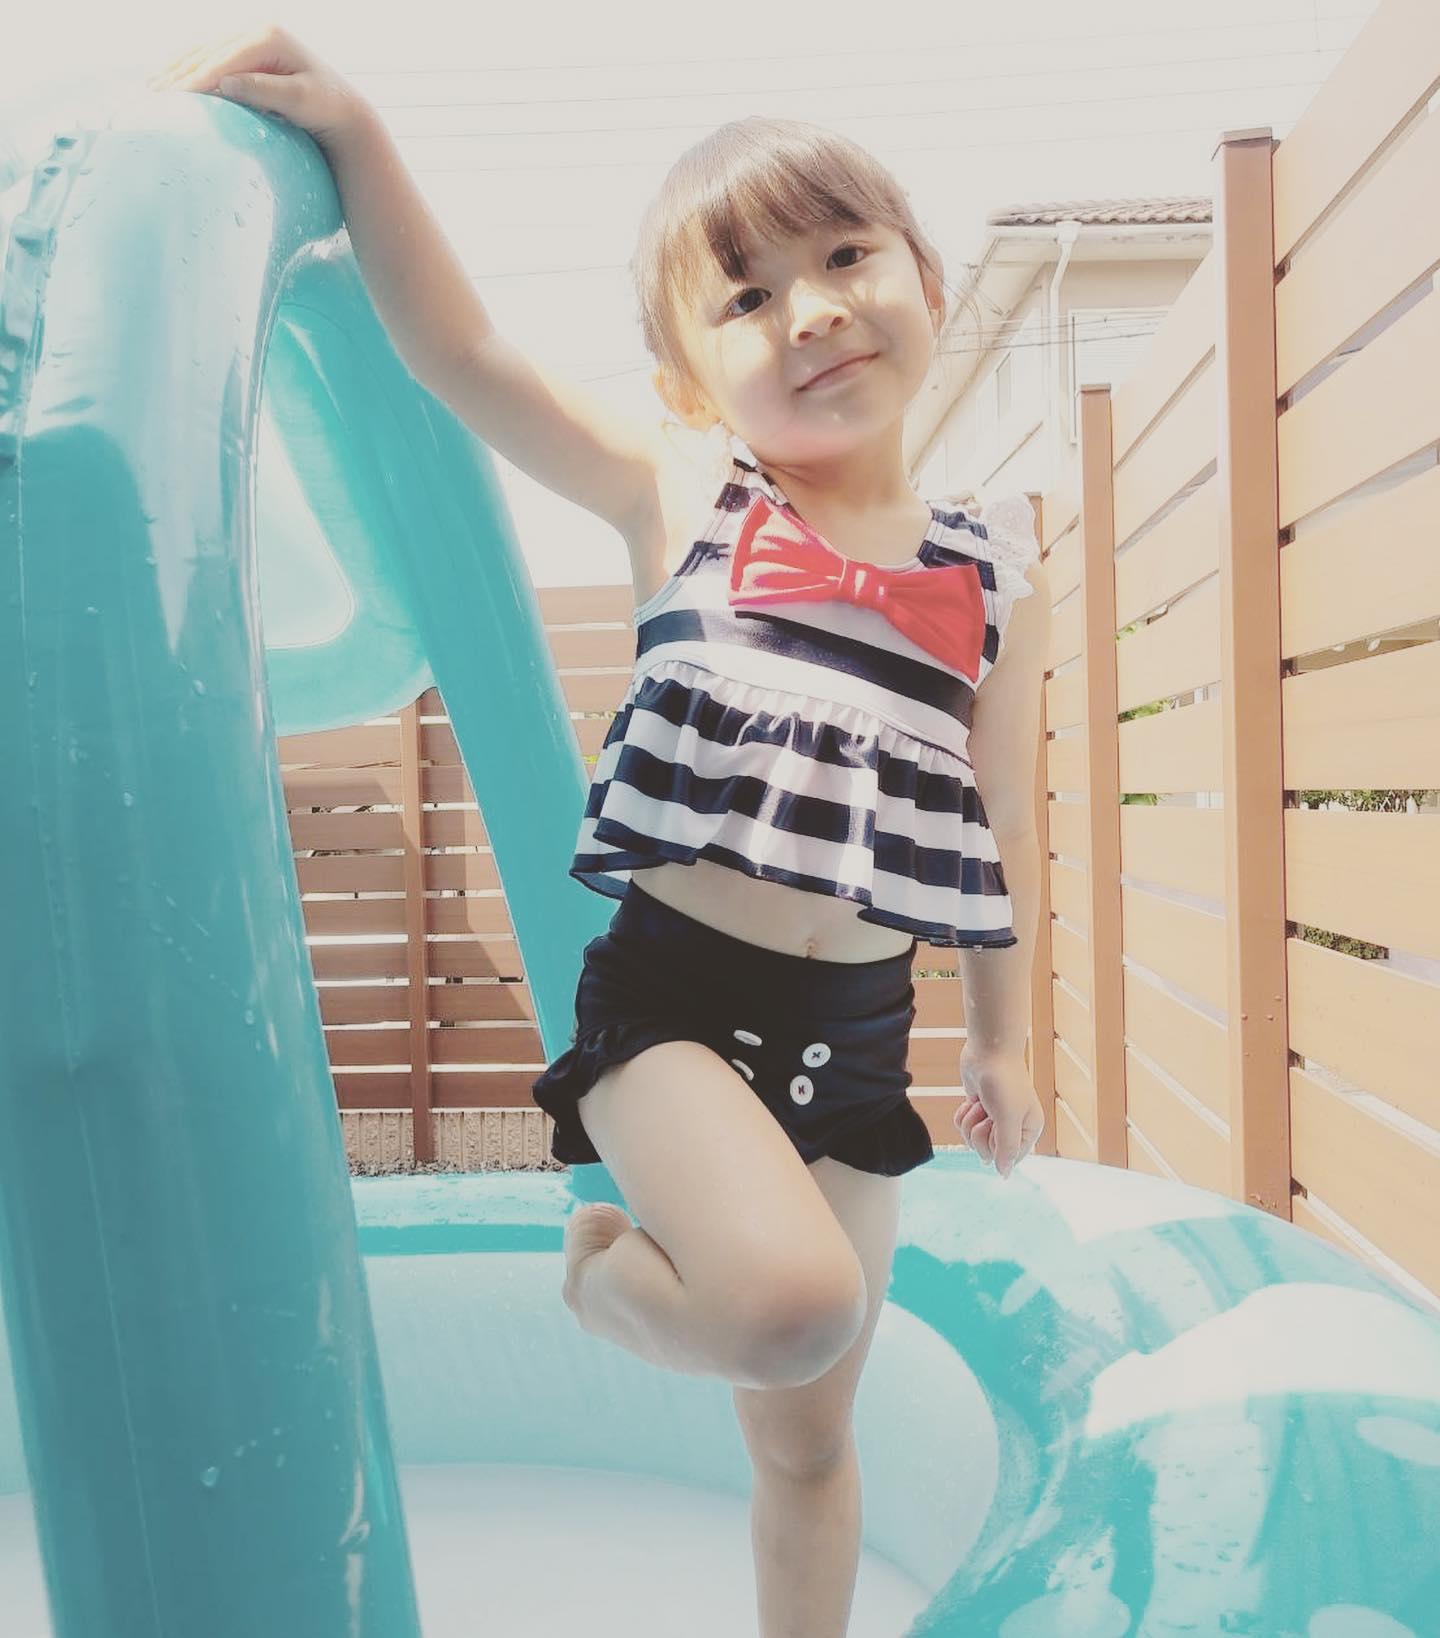 こんなに大きくなりました~!とママからお写真頂きました嬉しいですベビーカーに乗って来てくれたあの小さかった赤ちゃんがこんなに大きくかわいいおじょうさんに~まさに夏のお嬢さん!美少女コンテストみたいお嬢さん!決まってますね~元気頂いてまた頑張るね!ありがとう【予約・お問い合わせ】#ナオエ夢鍼灸院( #滋賀 #近江八幡 )℡0748-32-1172 #鍼灸 #妊活 #不妊治療 #妊活鍼灸#不妊#赤ちゃんがほしい #ベビ待ち #ママになりたい #妊活記録 #温熱#癒し#大津 #石山 #草津#南草津 #栗東#堅田 #守山 #野洲 #彦根 #東近江